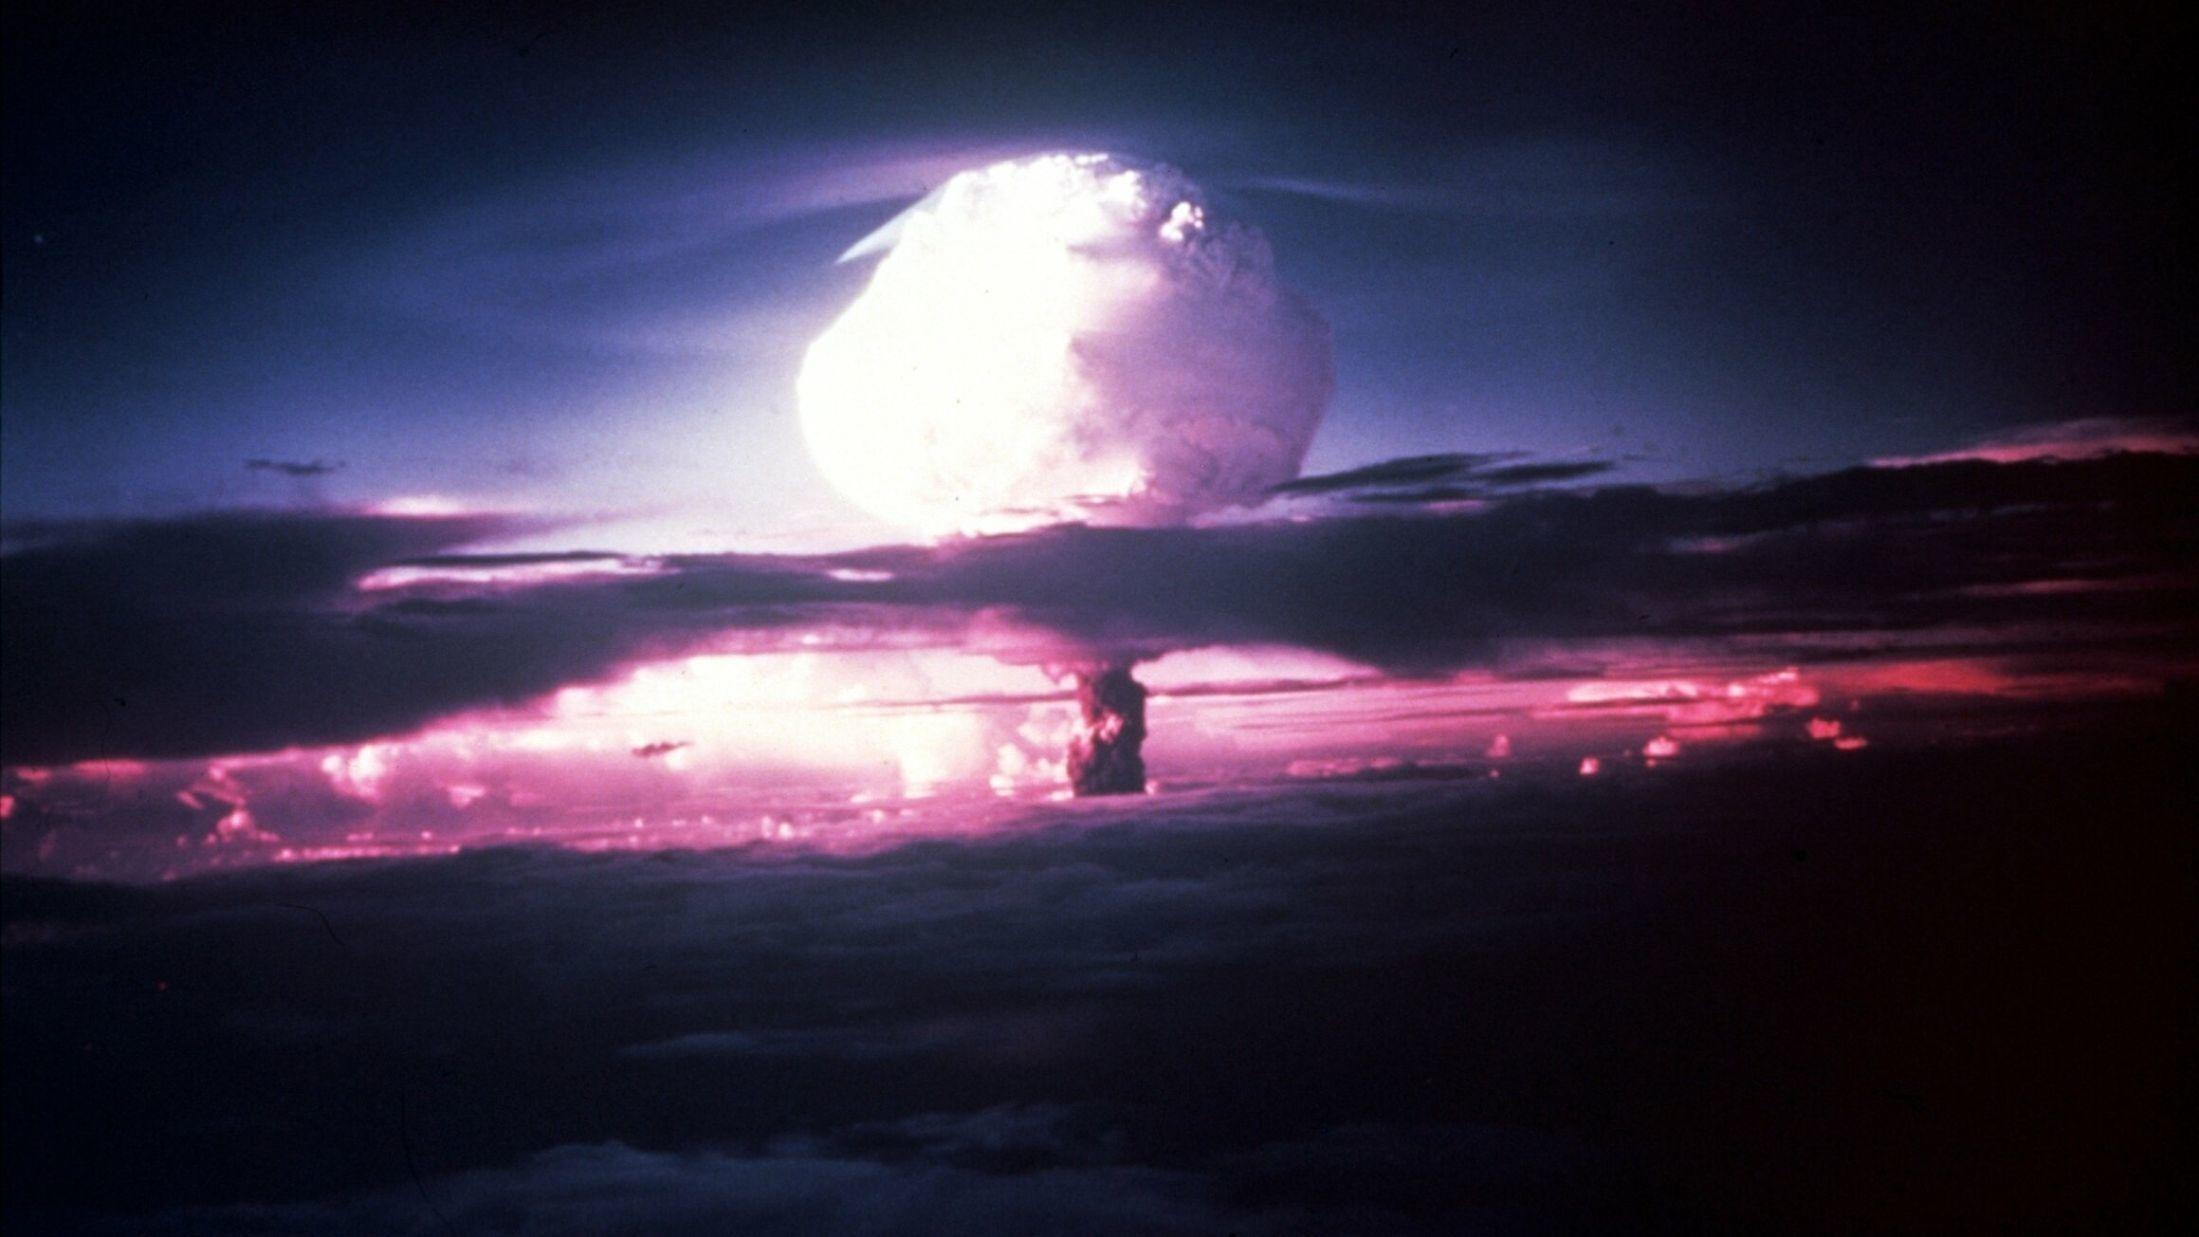 50 av verdens fremste eksperter innen kjemi, fysikk og økonomi ble spurt om hva de tenker er verdens største trussel i fremtiden. 34 prosent svarte overbefolkning og miljøforverring er en reell trussel. På andre plass kom atomkrig. Bildet viser atombomben over Hiroshima i 1945.